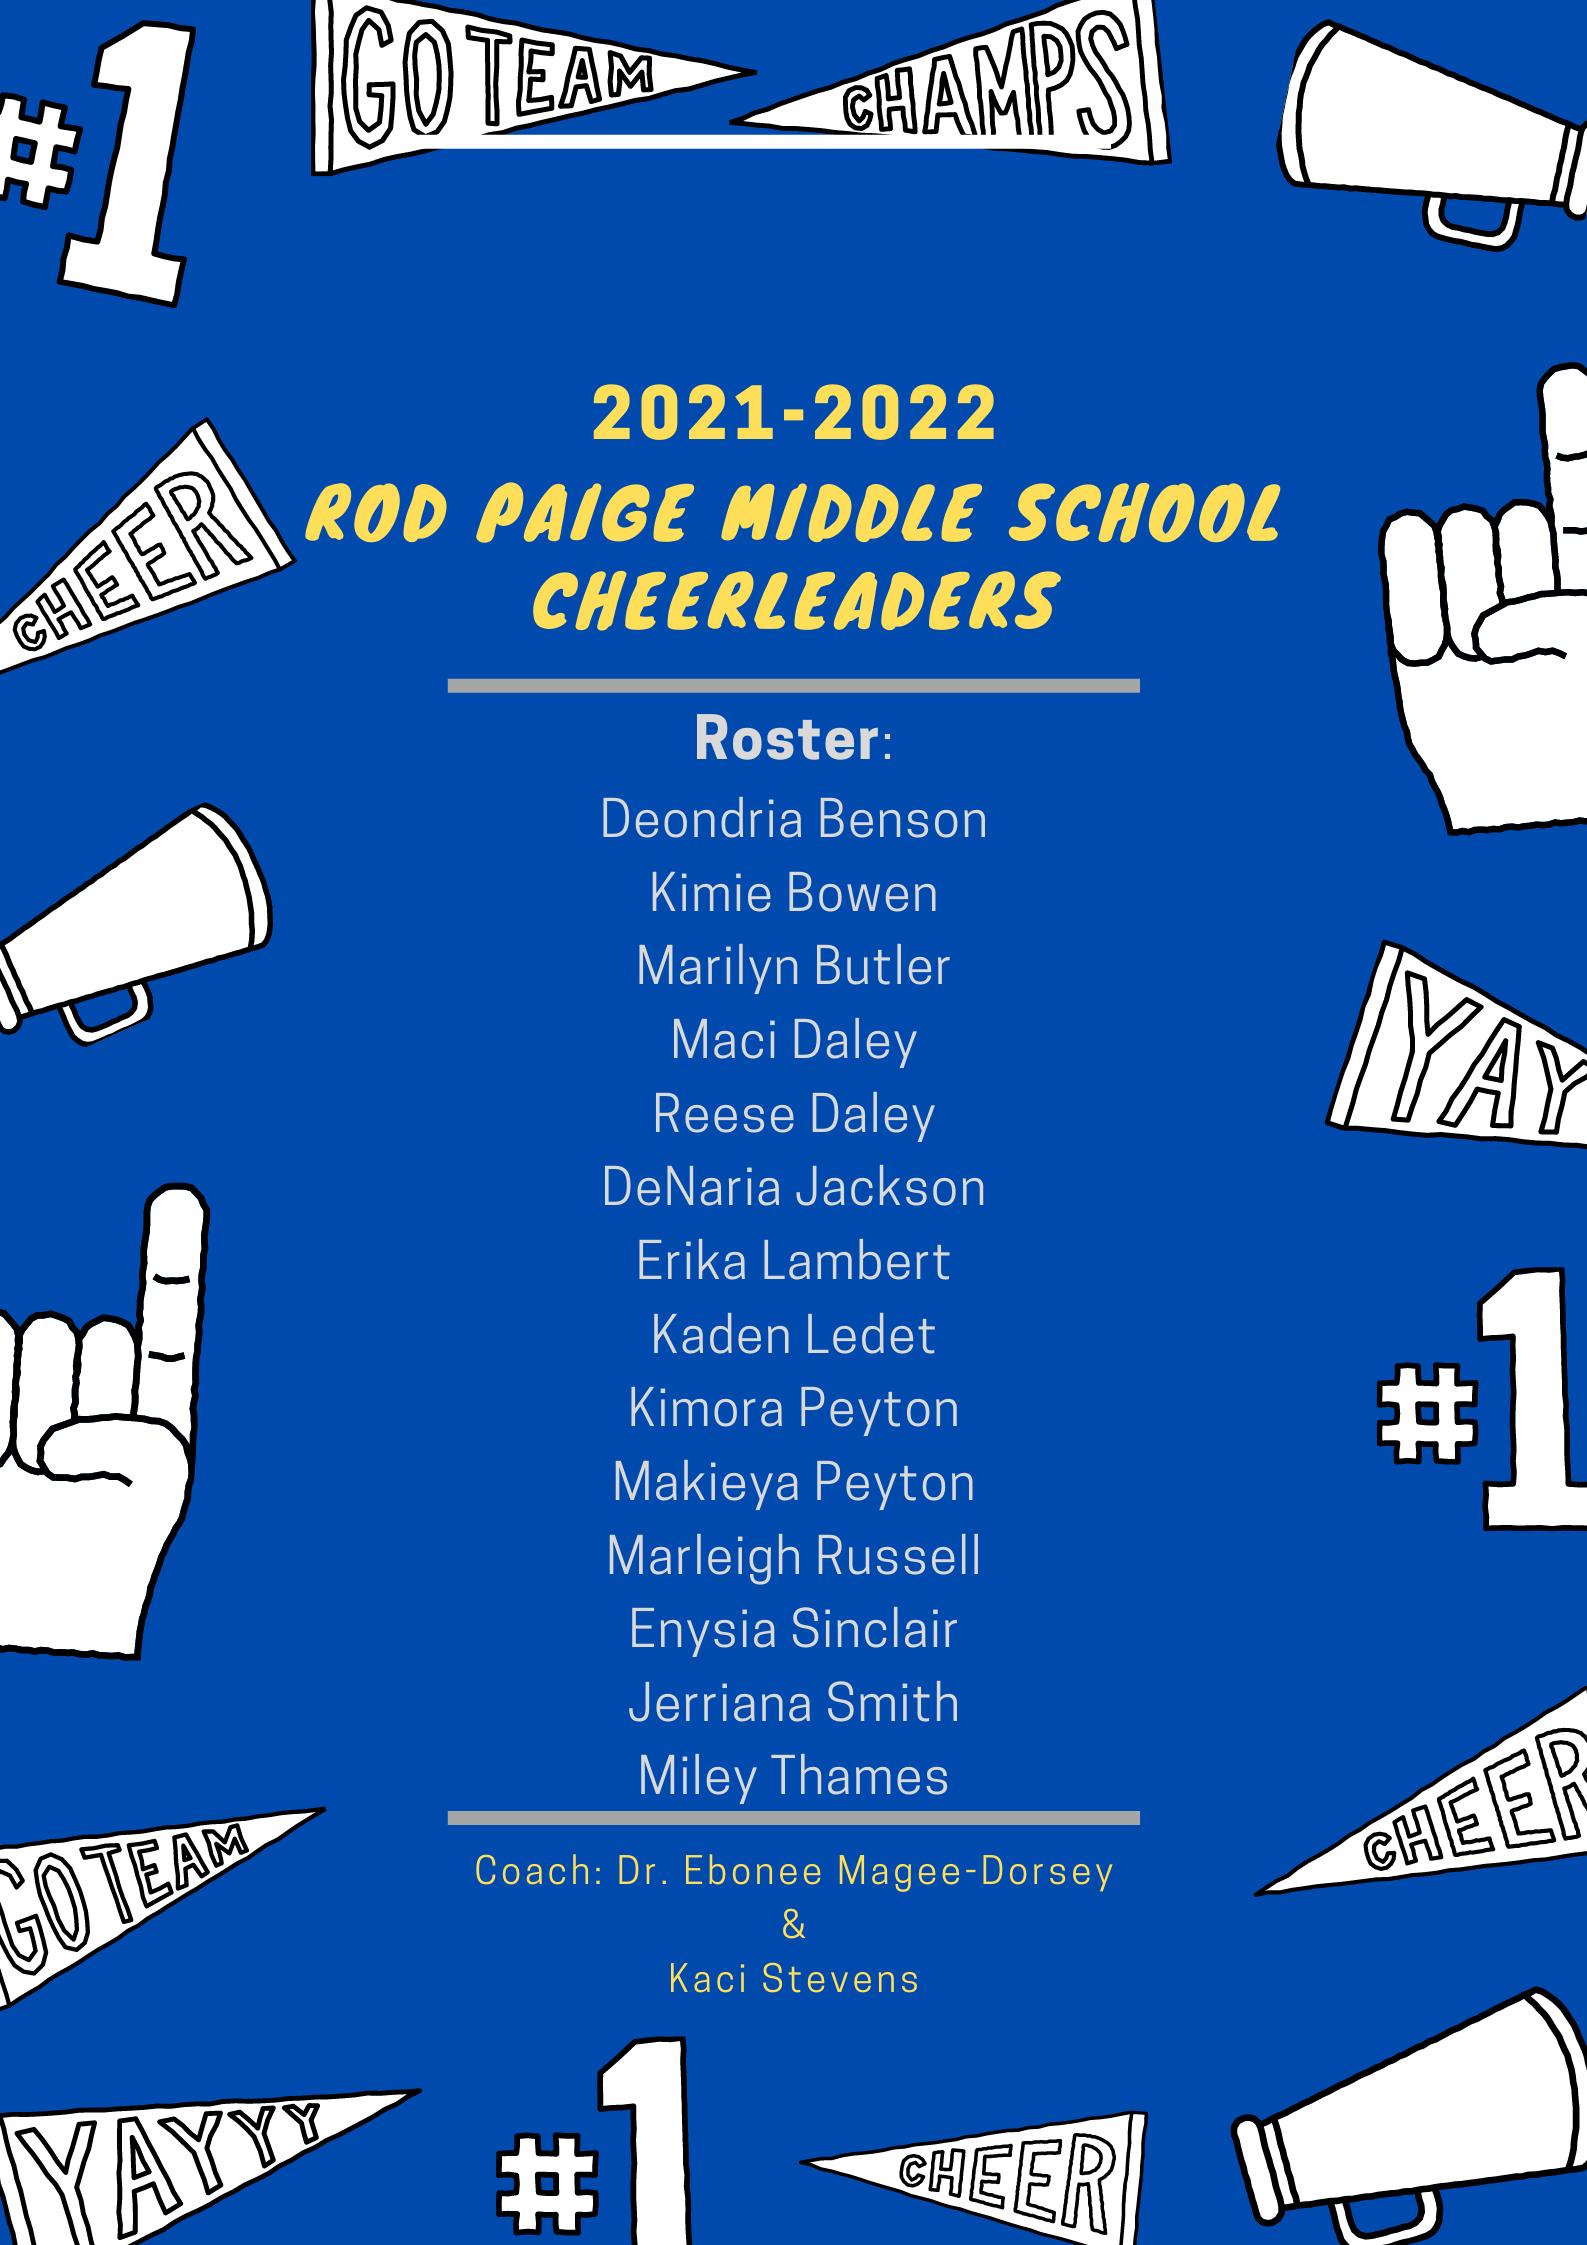 21-22 RPMS Cheerleaders